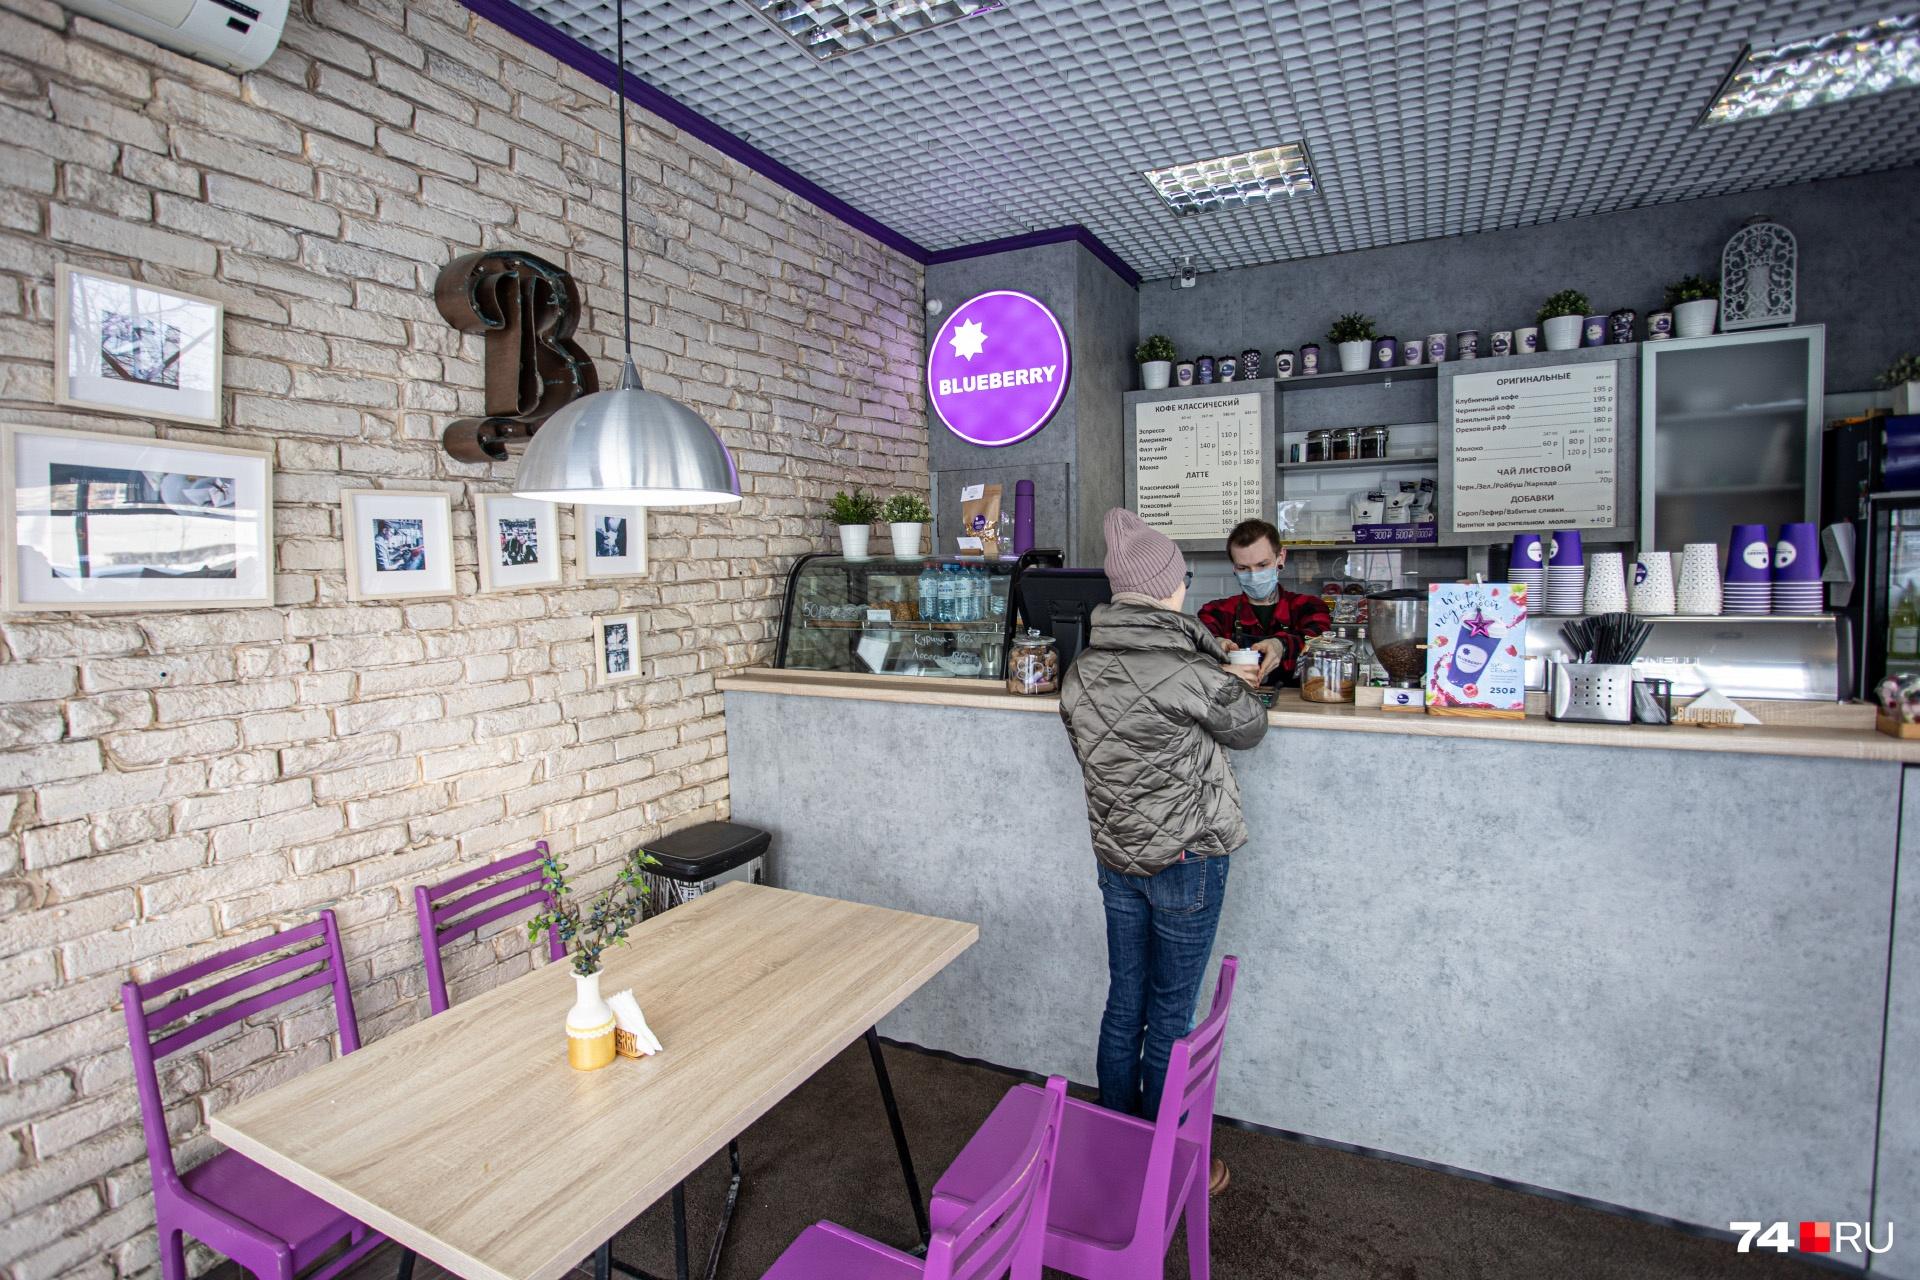 Сейчас в Blueberry сделали ставку на большие стационарные кофейни — их две: на проспекте Ленина и в ЖК «Ньютон»